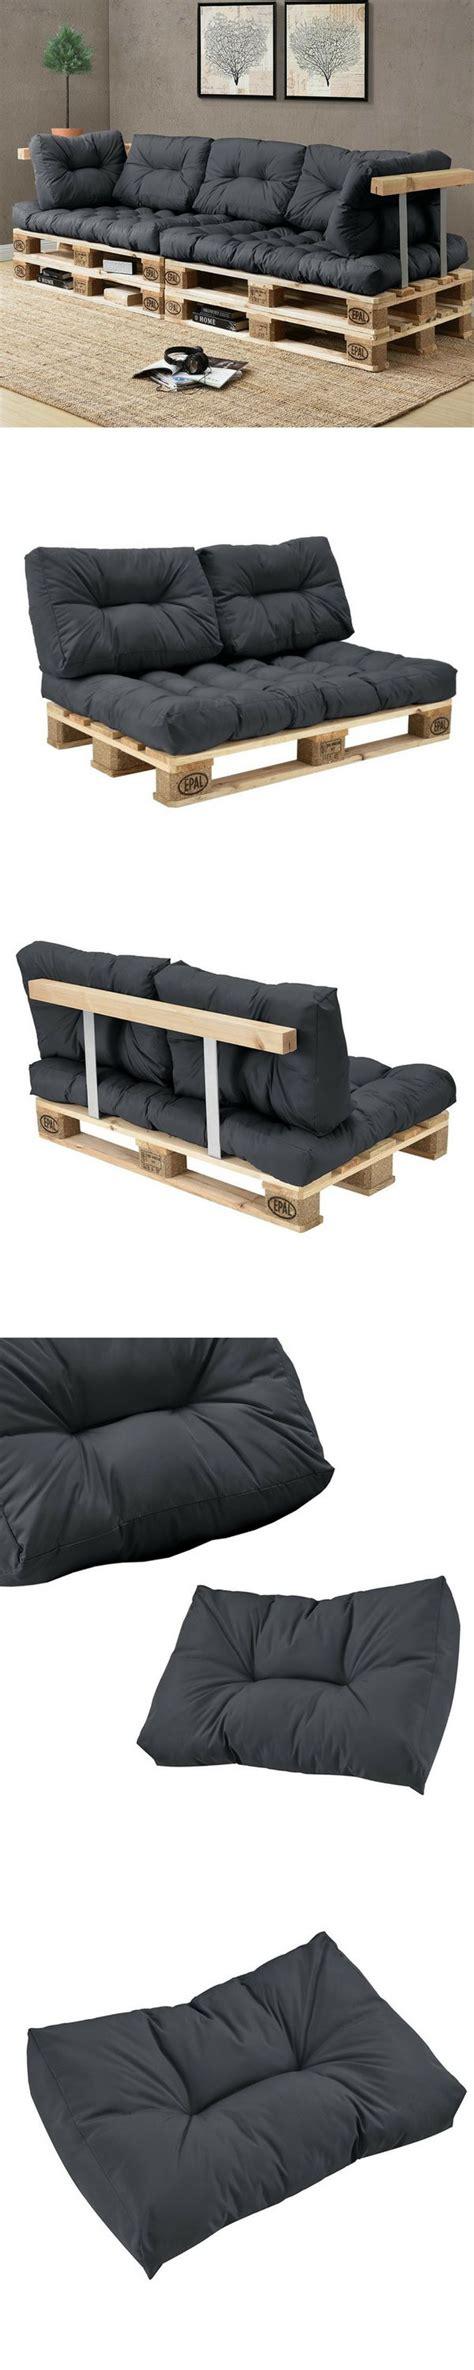 ou trouver des oeillets pour rideaux best 25 wood pallet bar ideas on pallet bar top ideas outdoor bar furniture and